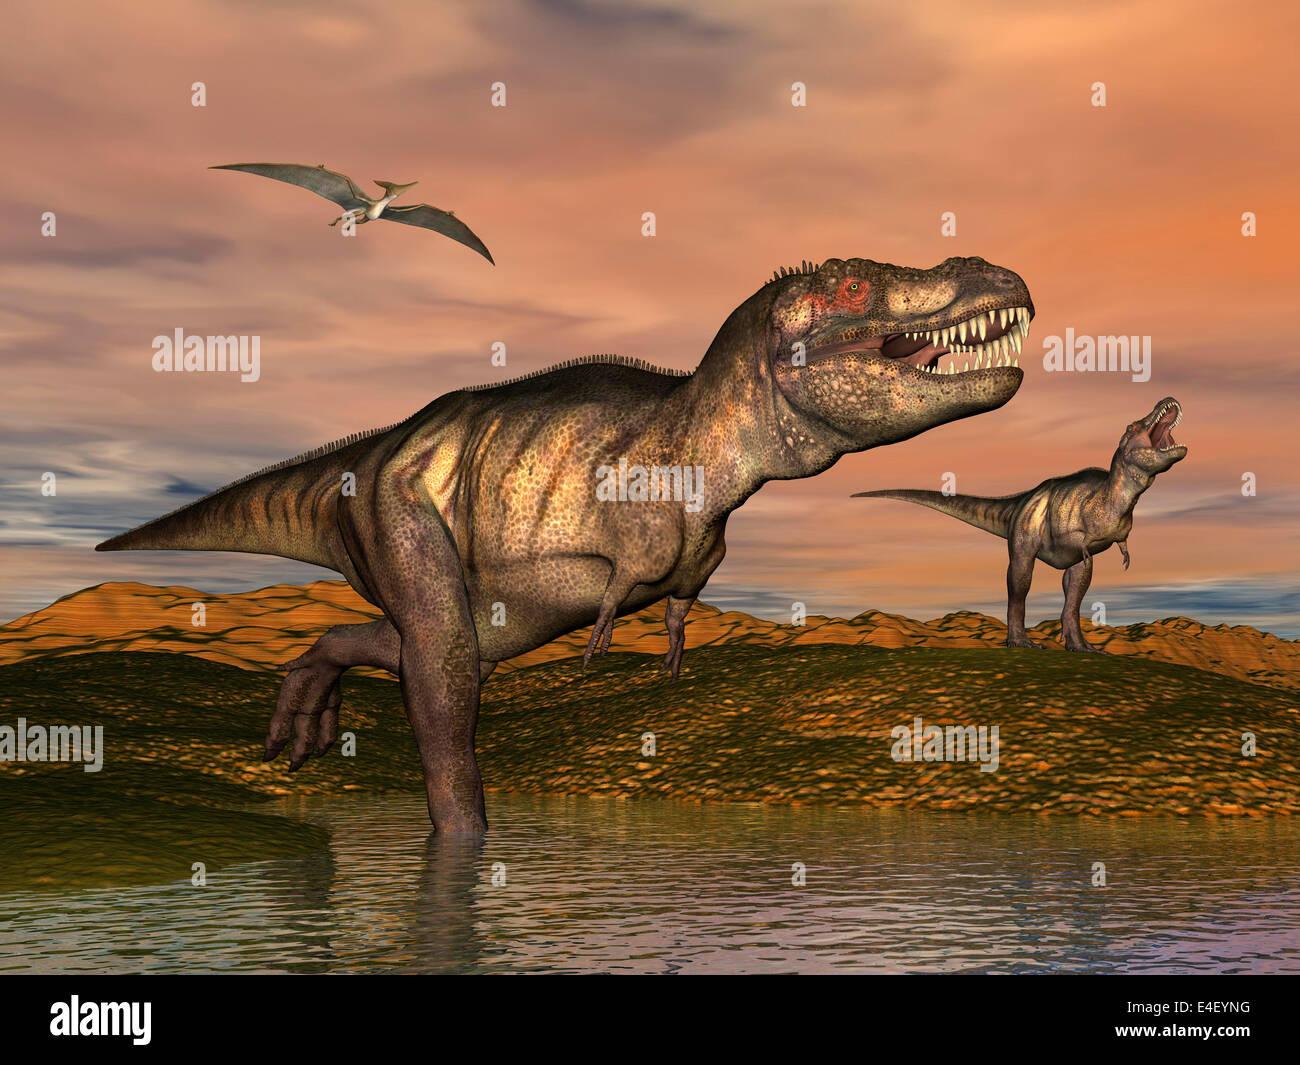 Dinosaur in habitat illustration pterodactyl stock photos - Dinosaur volant ...